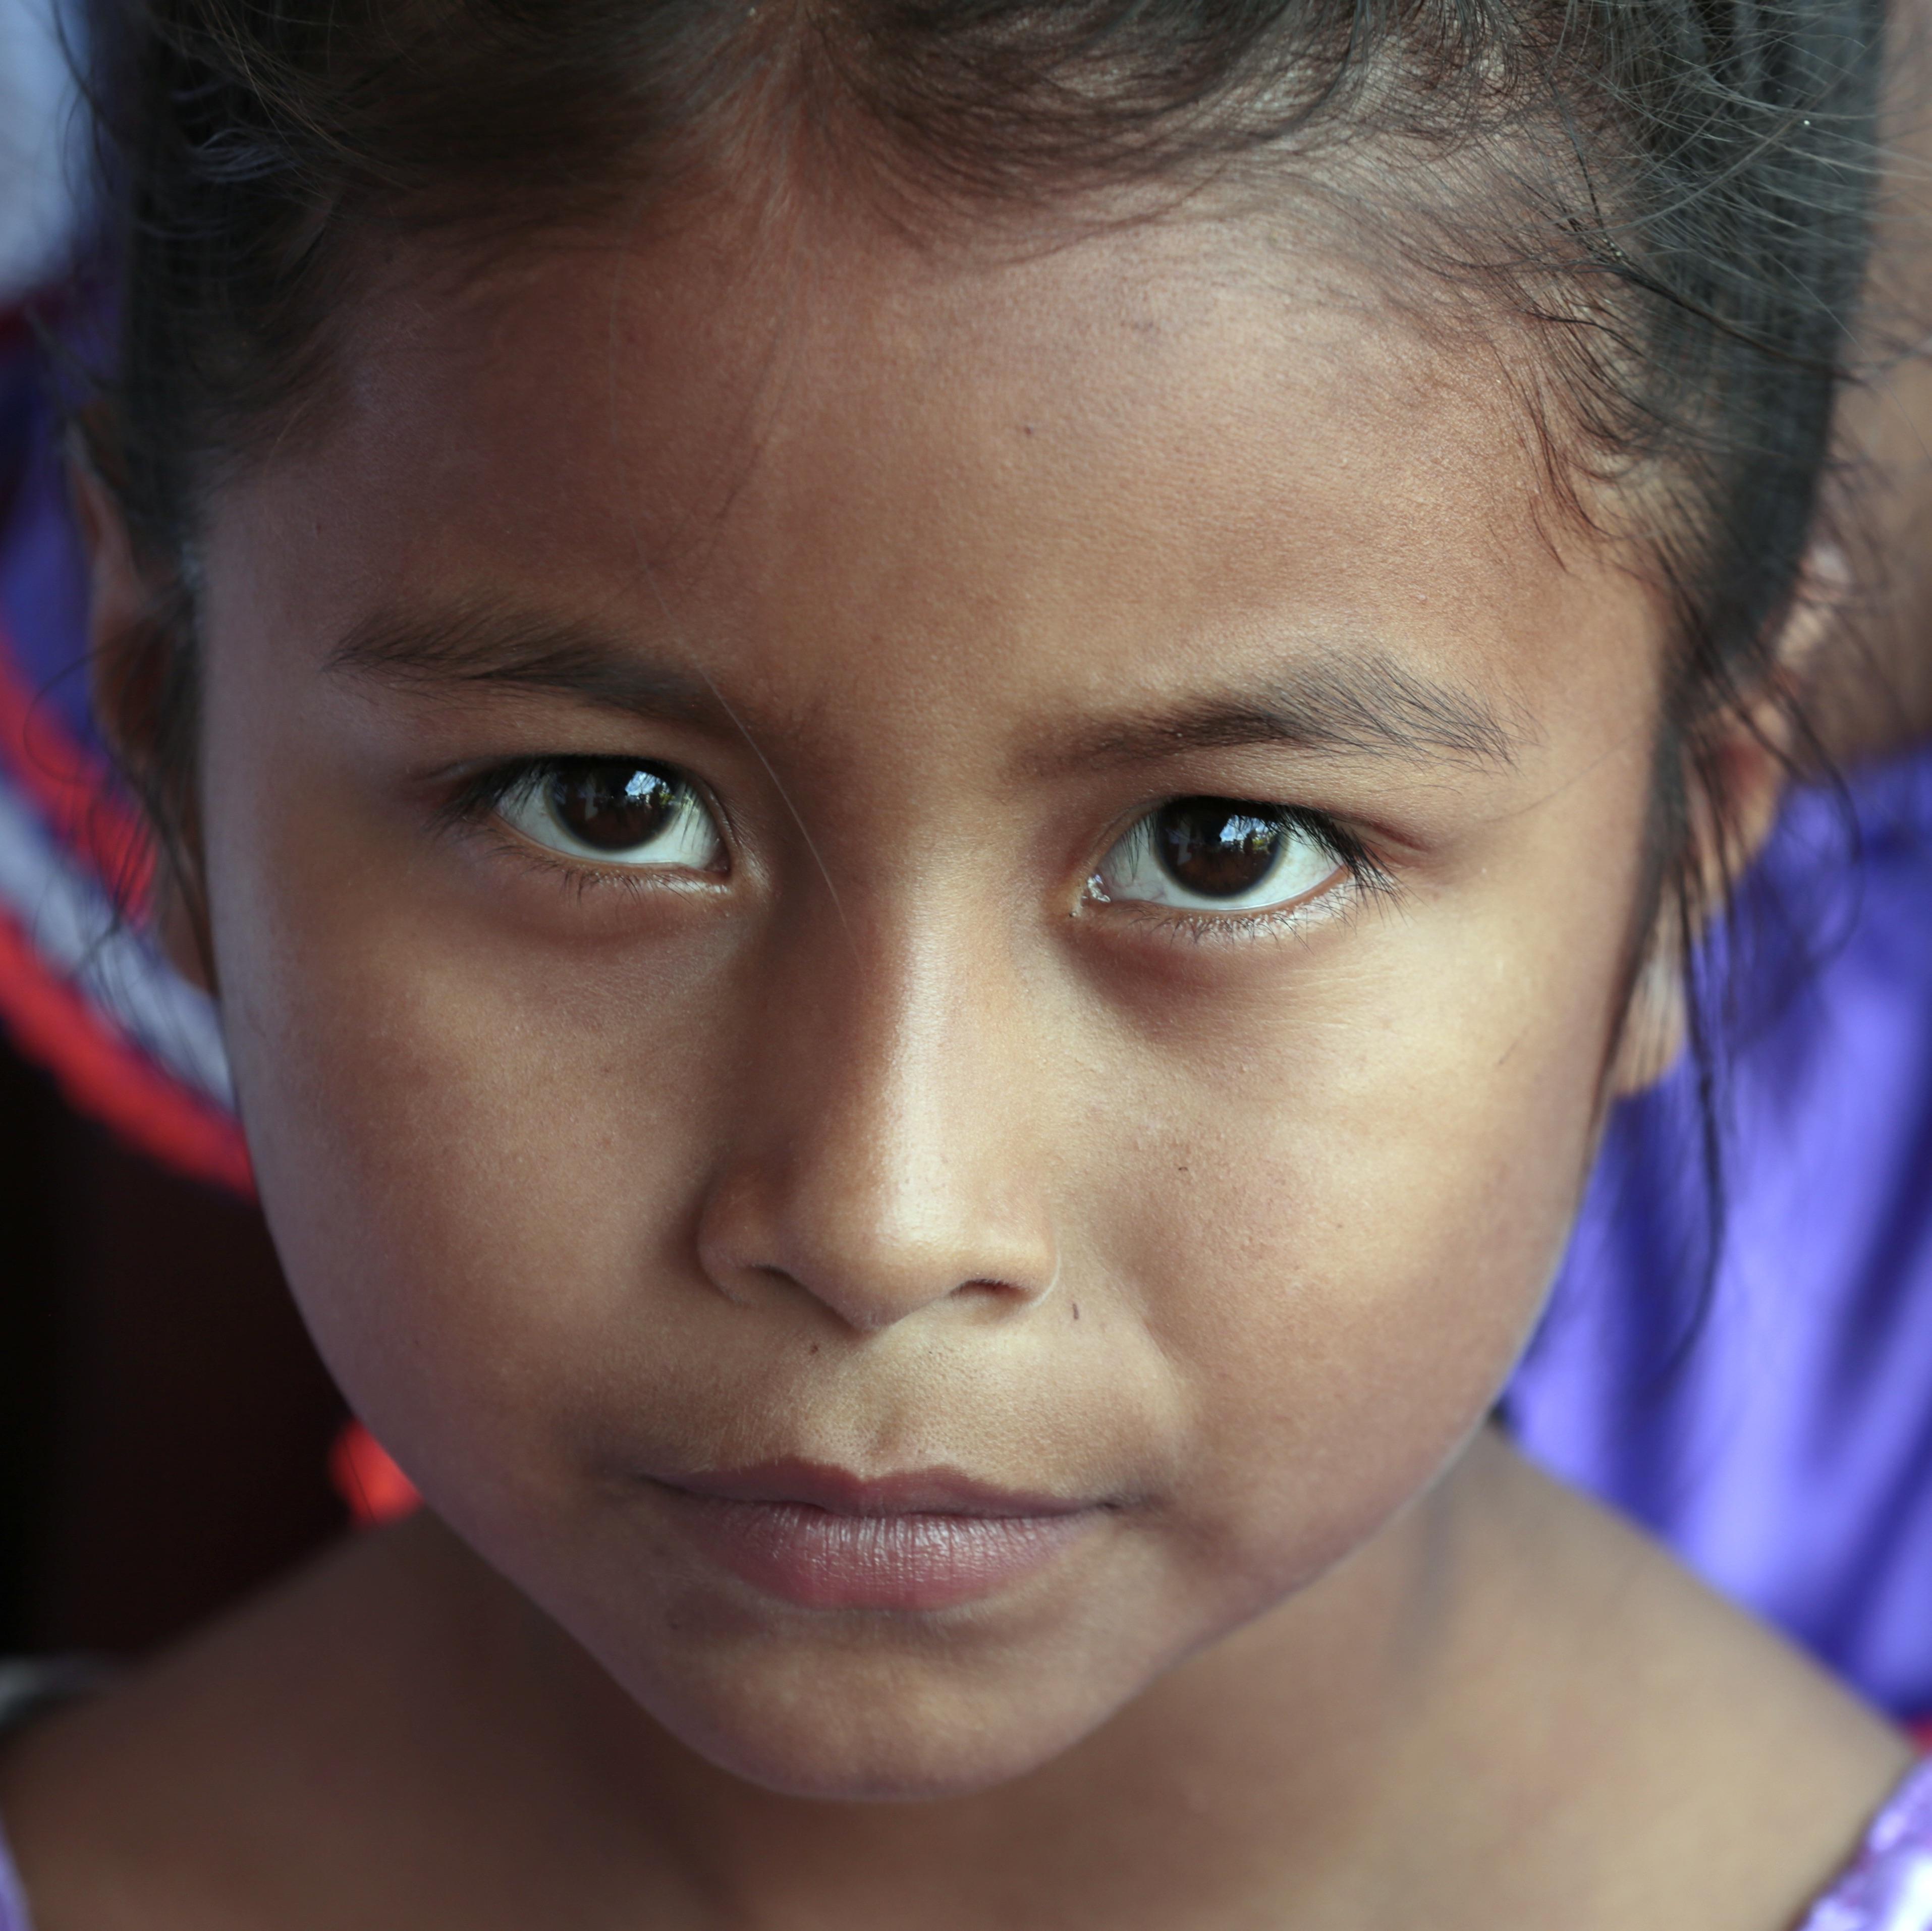 7 pilares para desarrollar políticas públicas sostenibles  a favor de la infancia